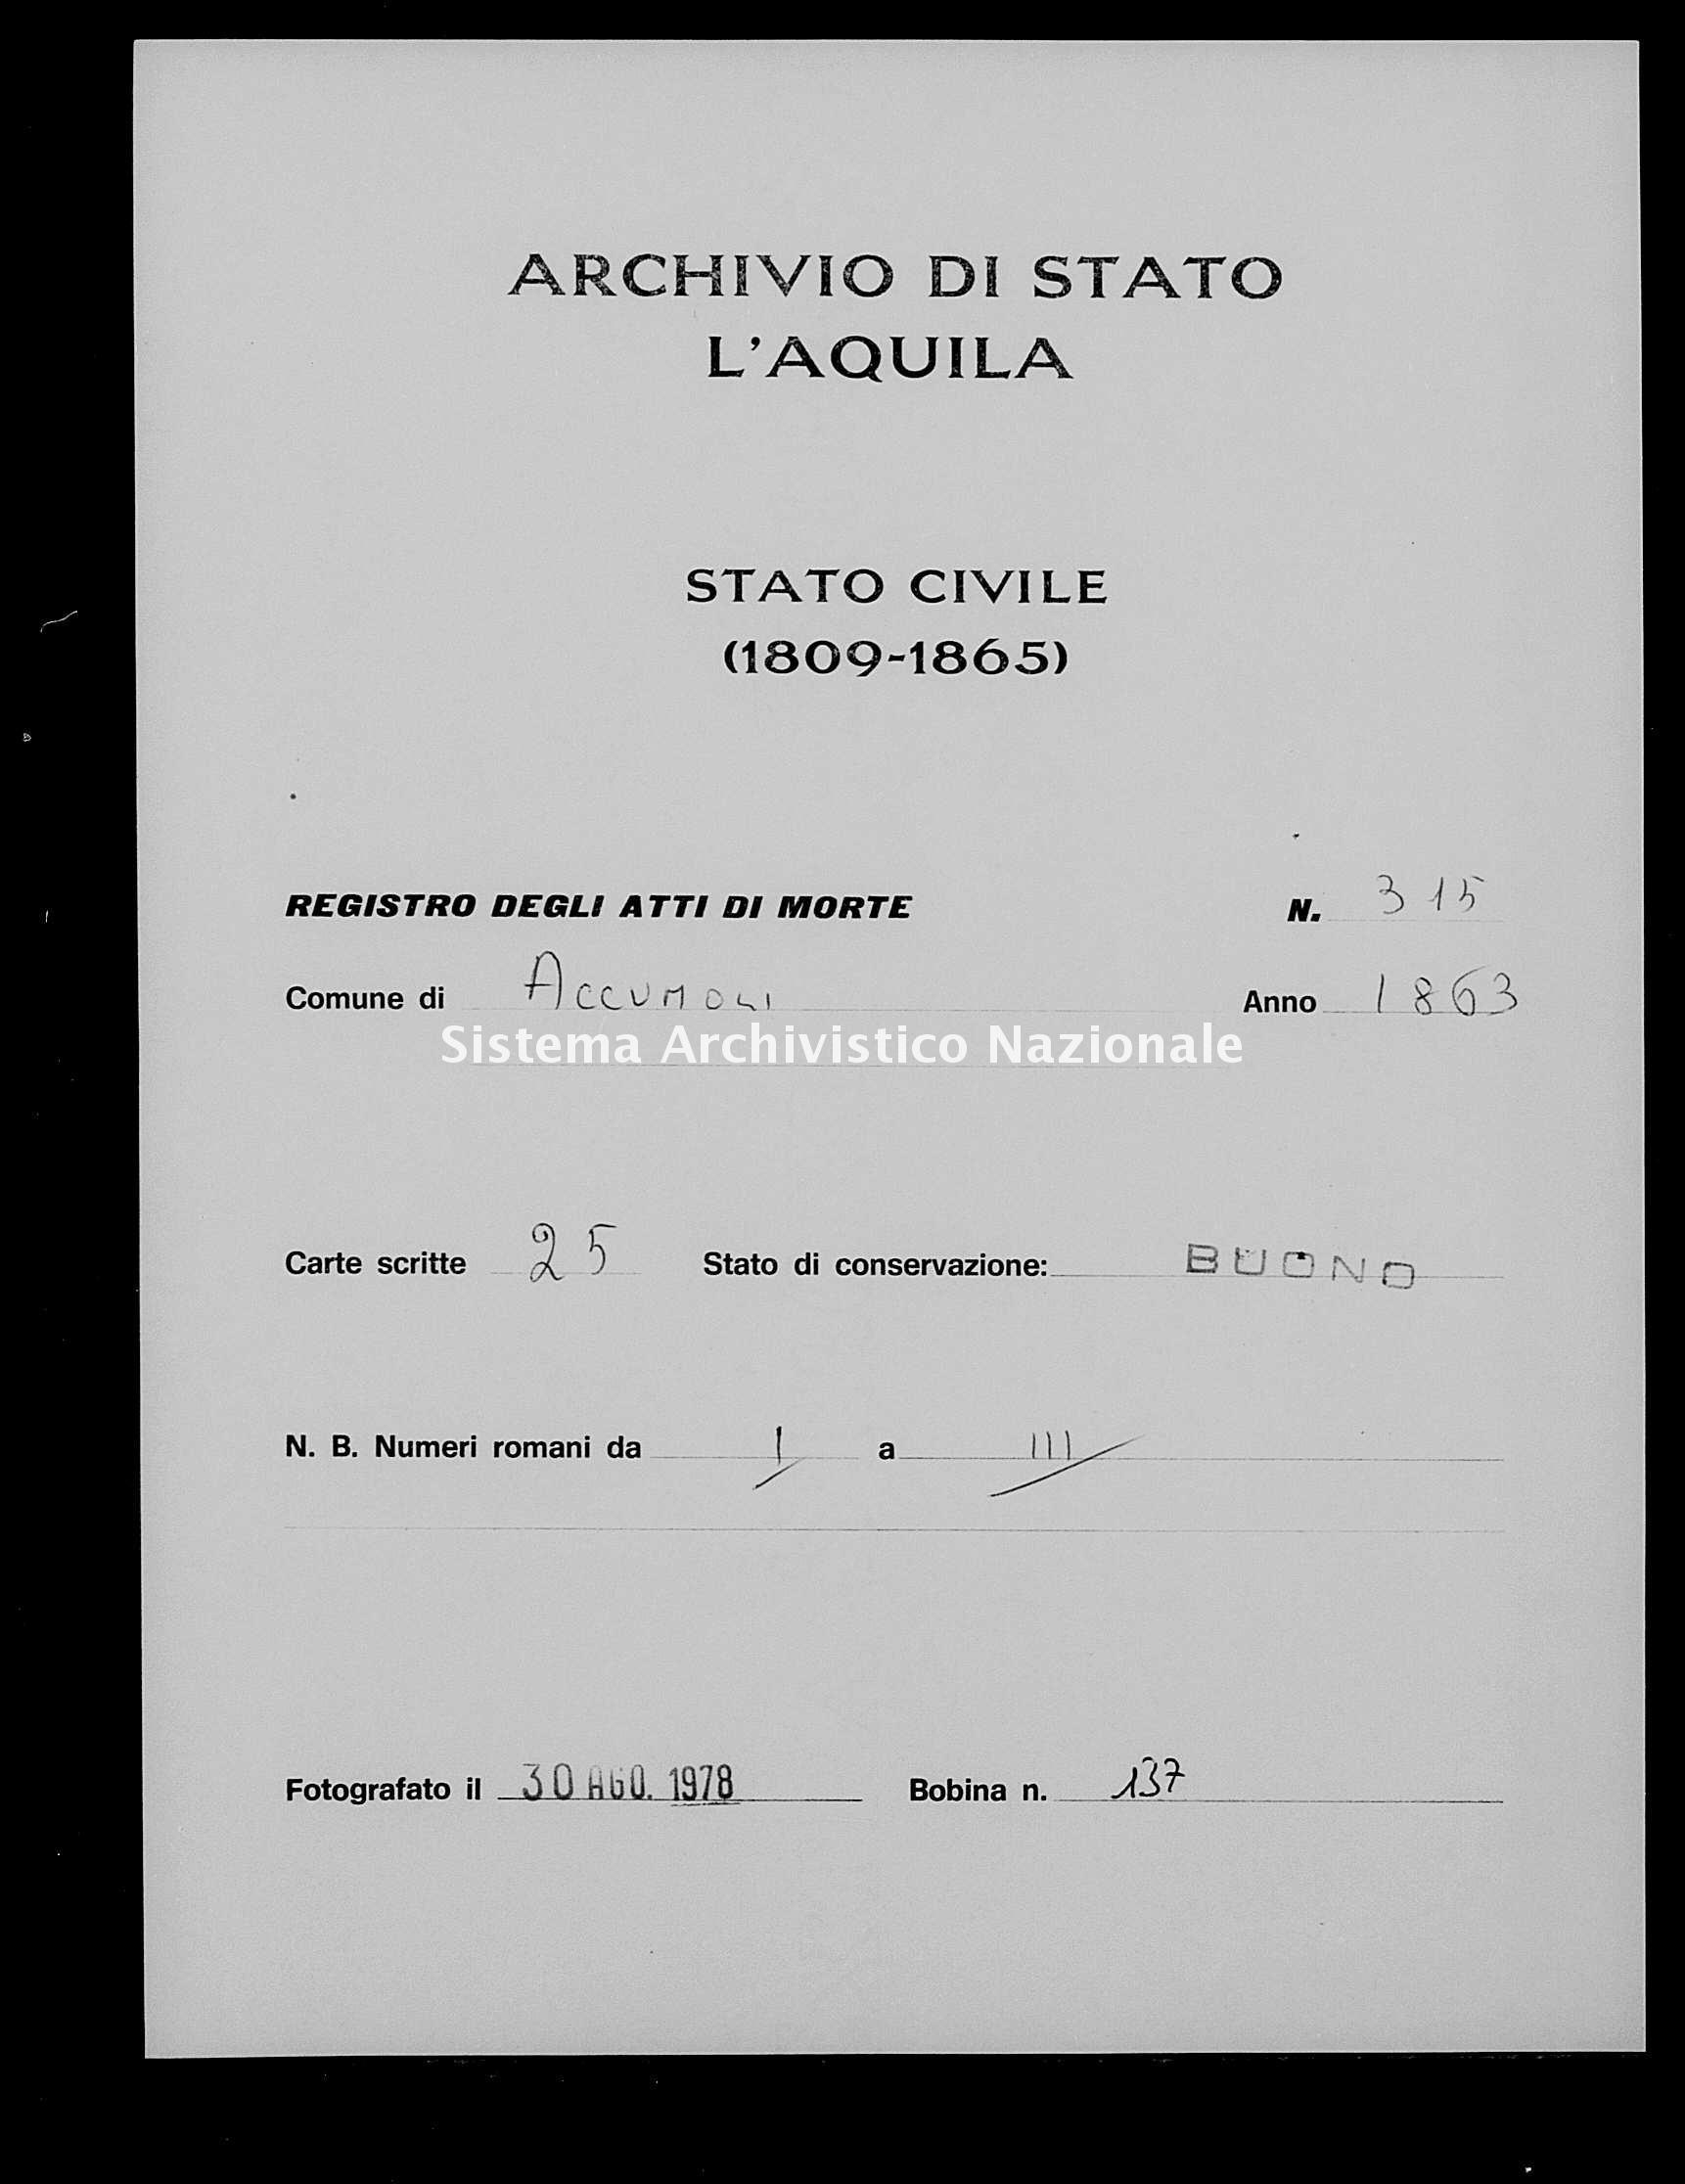 Archivio di stato di L'aquila - Stato civile italiano - Accumoli - Morti - 1863 - 3145 -